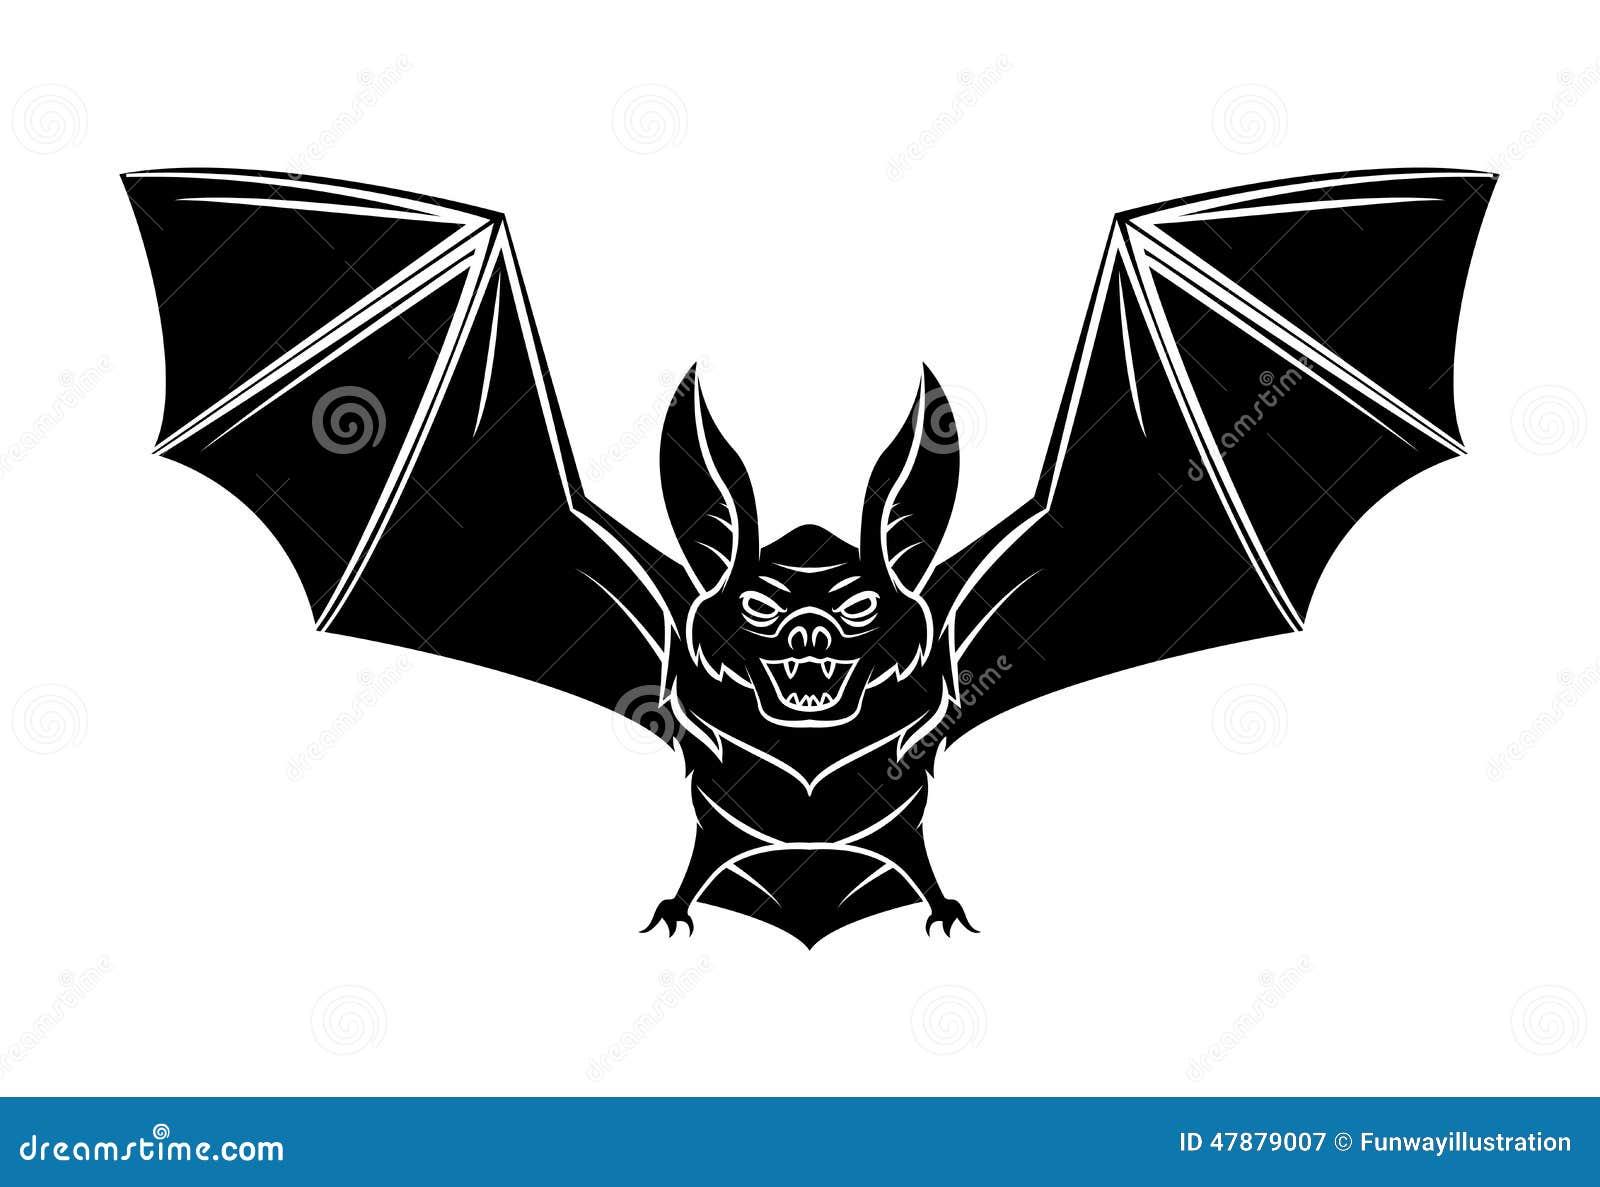 Эскизы тату летучая мышь: варианты рисунков, значение и фото